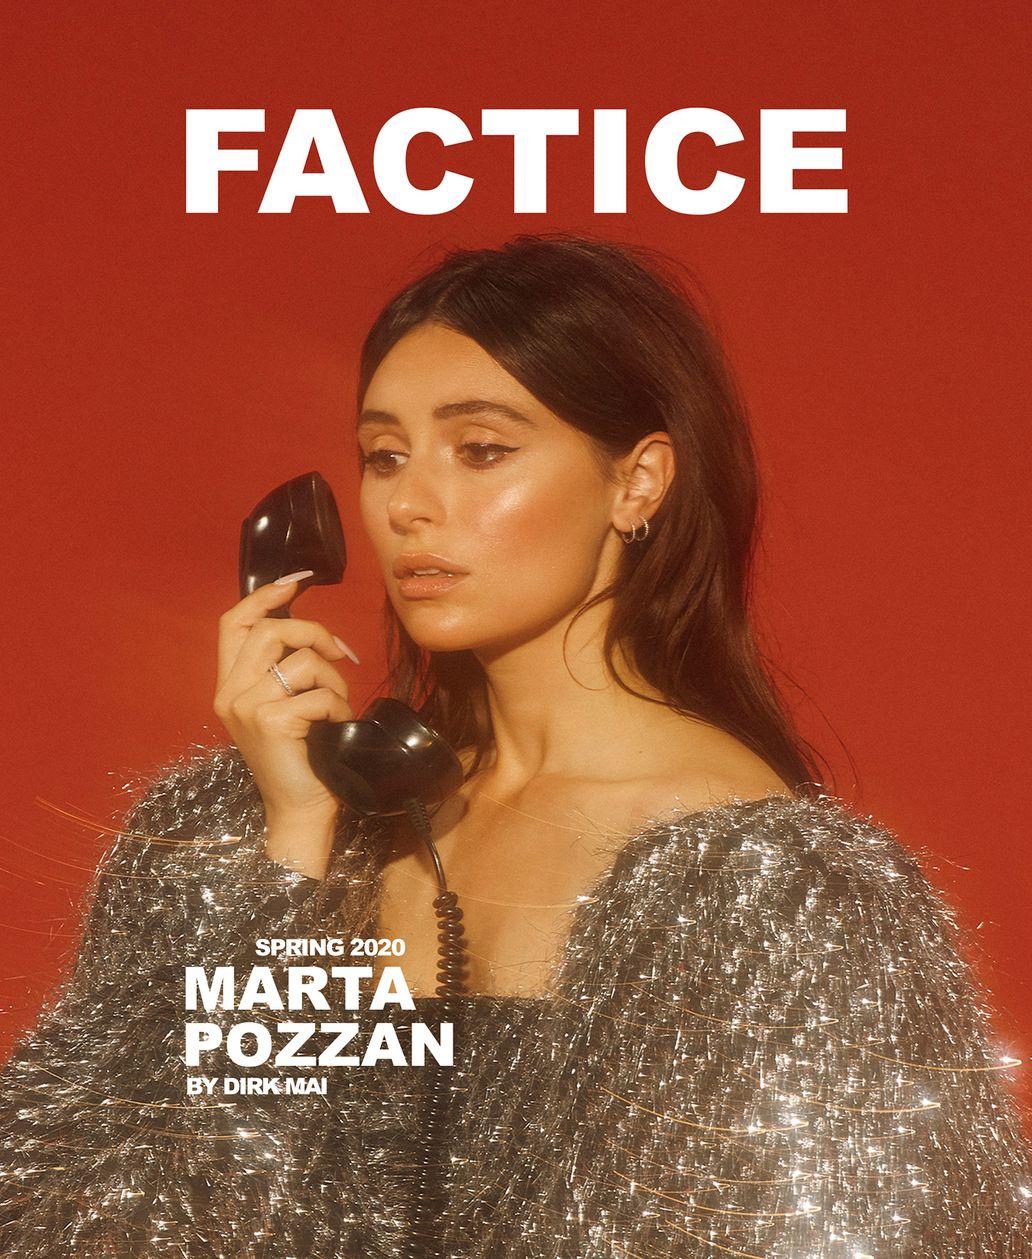 Factice Magazine x Marta Pozzan